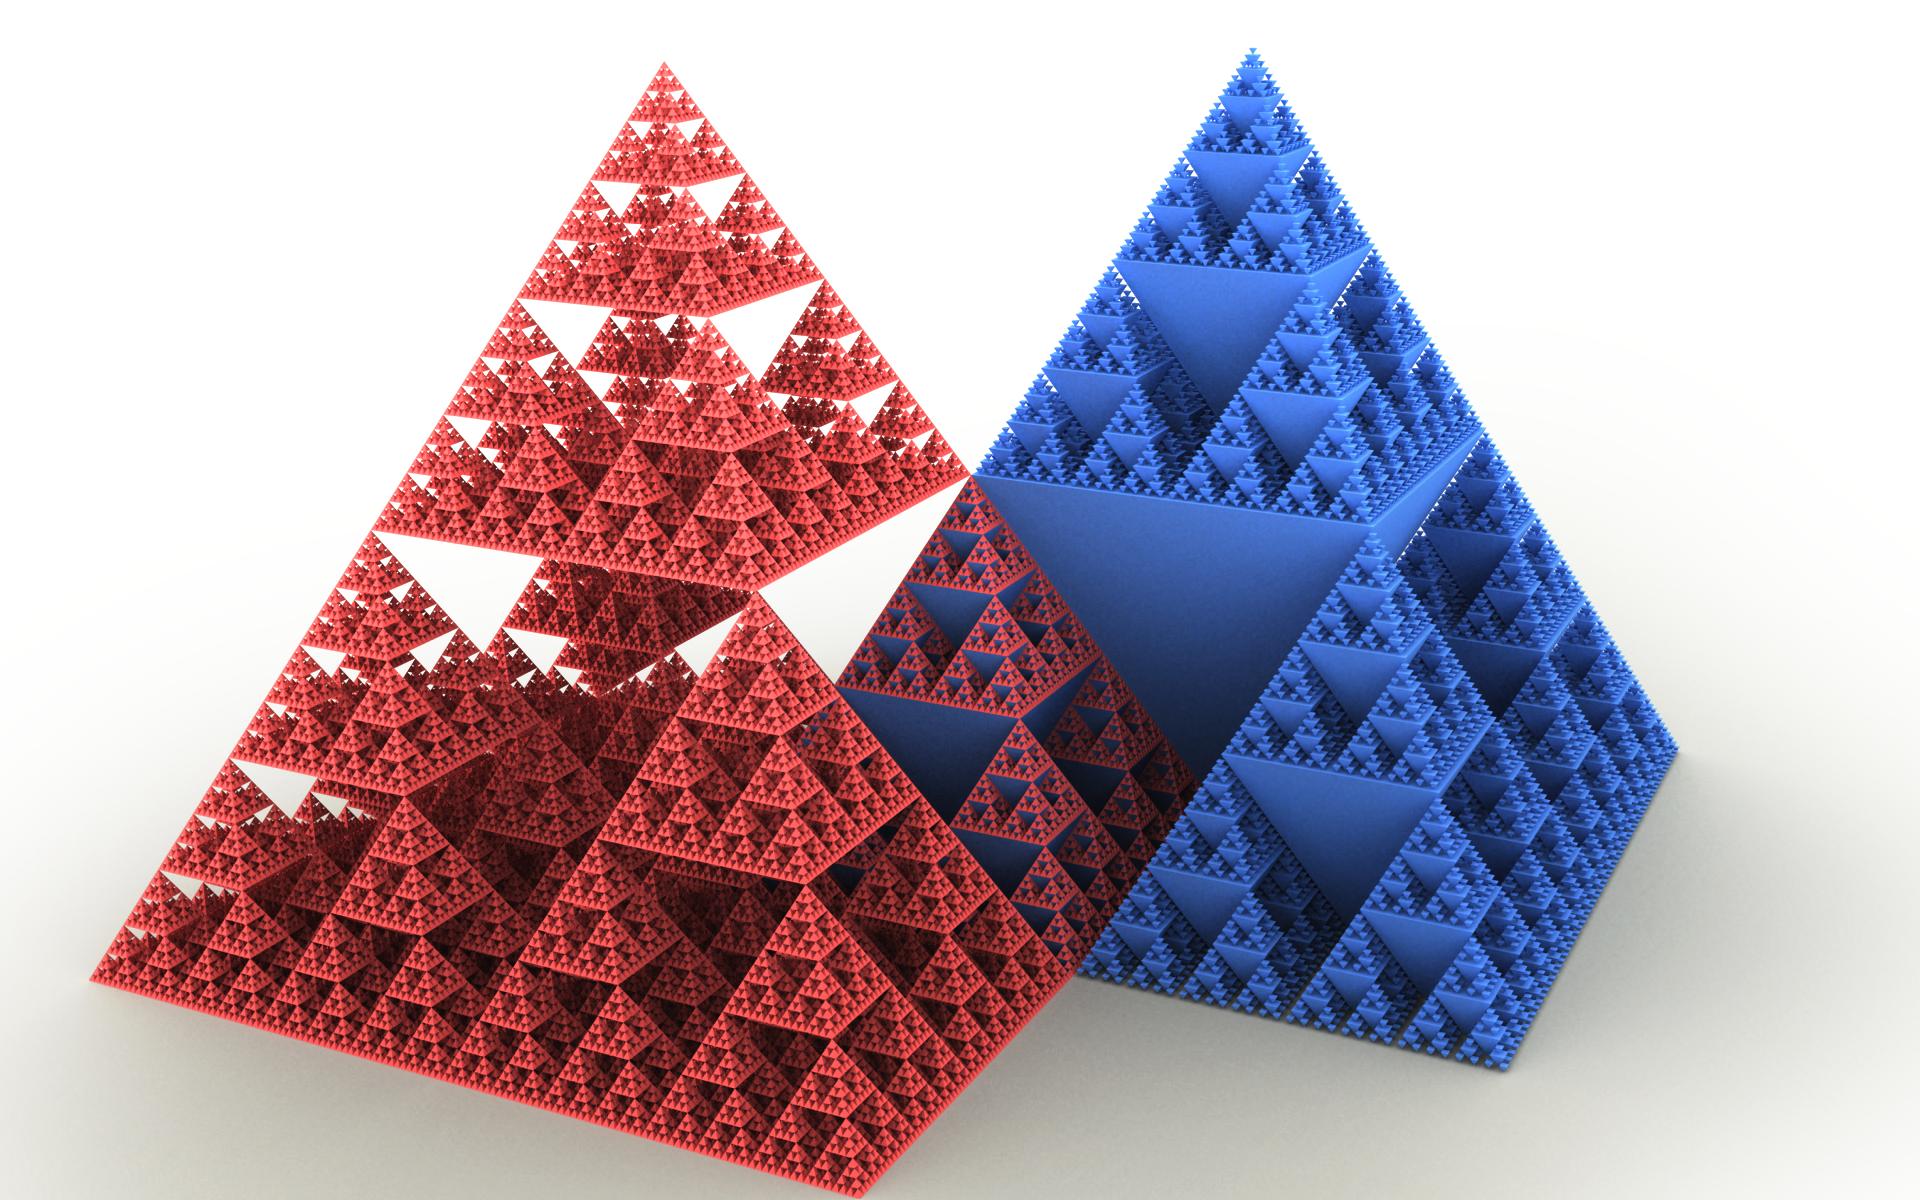 Triángulo Fractal